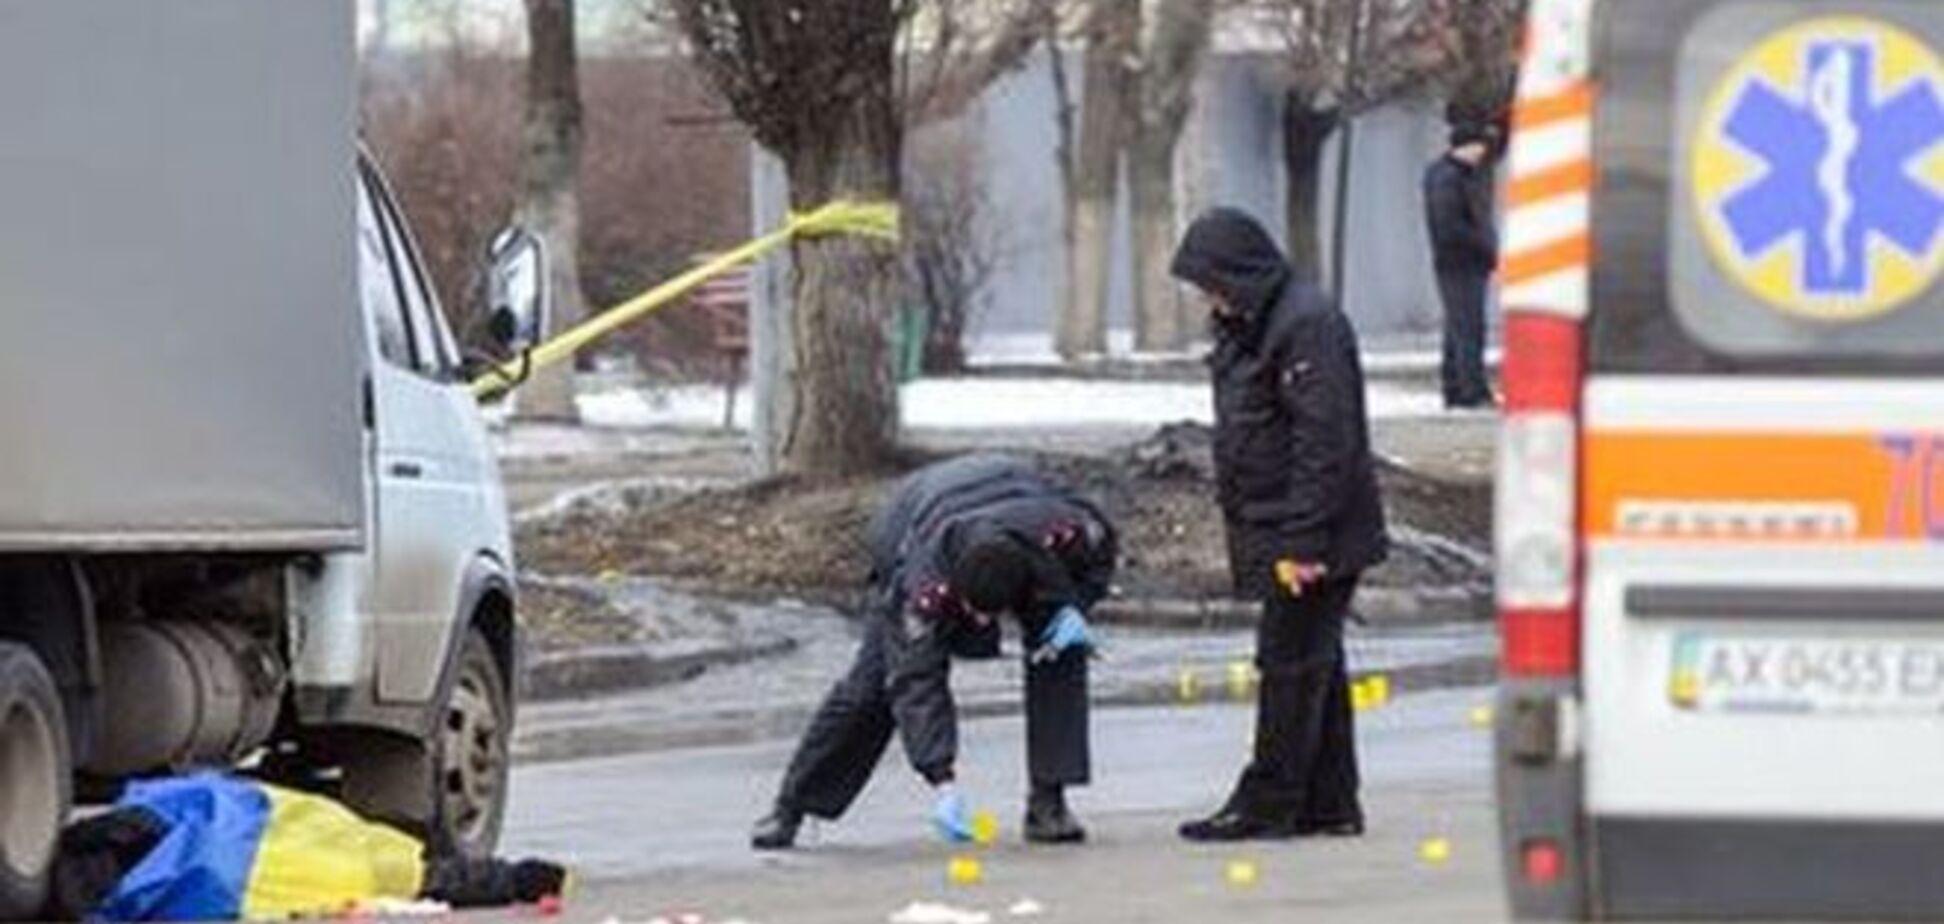 Все делается, чтобы посеять панику: журналист Бабченко о теракте в Харькове и новых угрозах